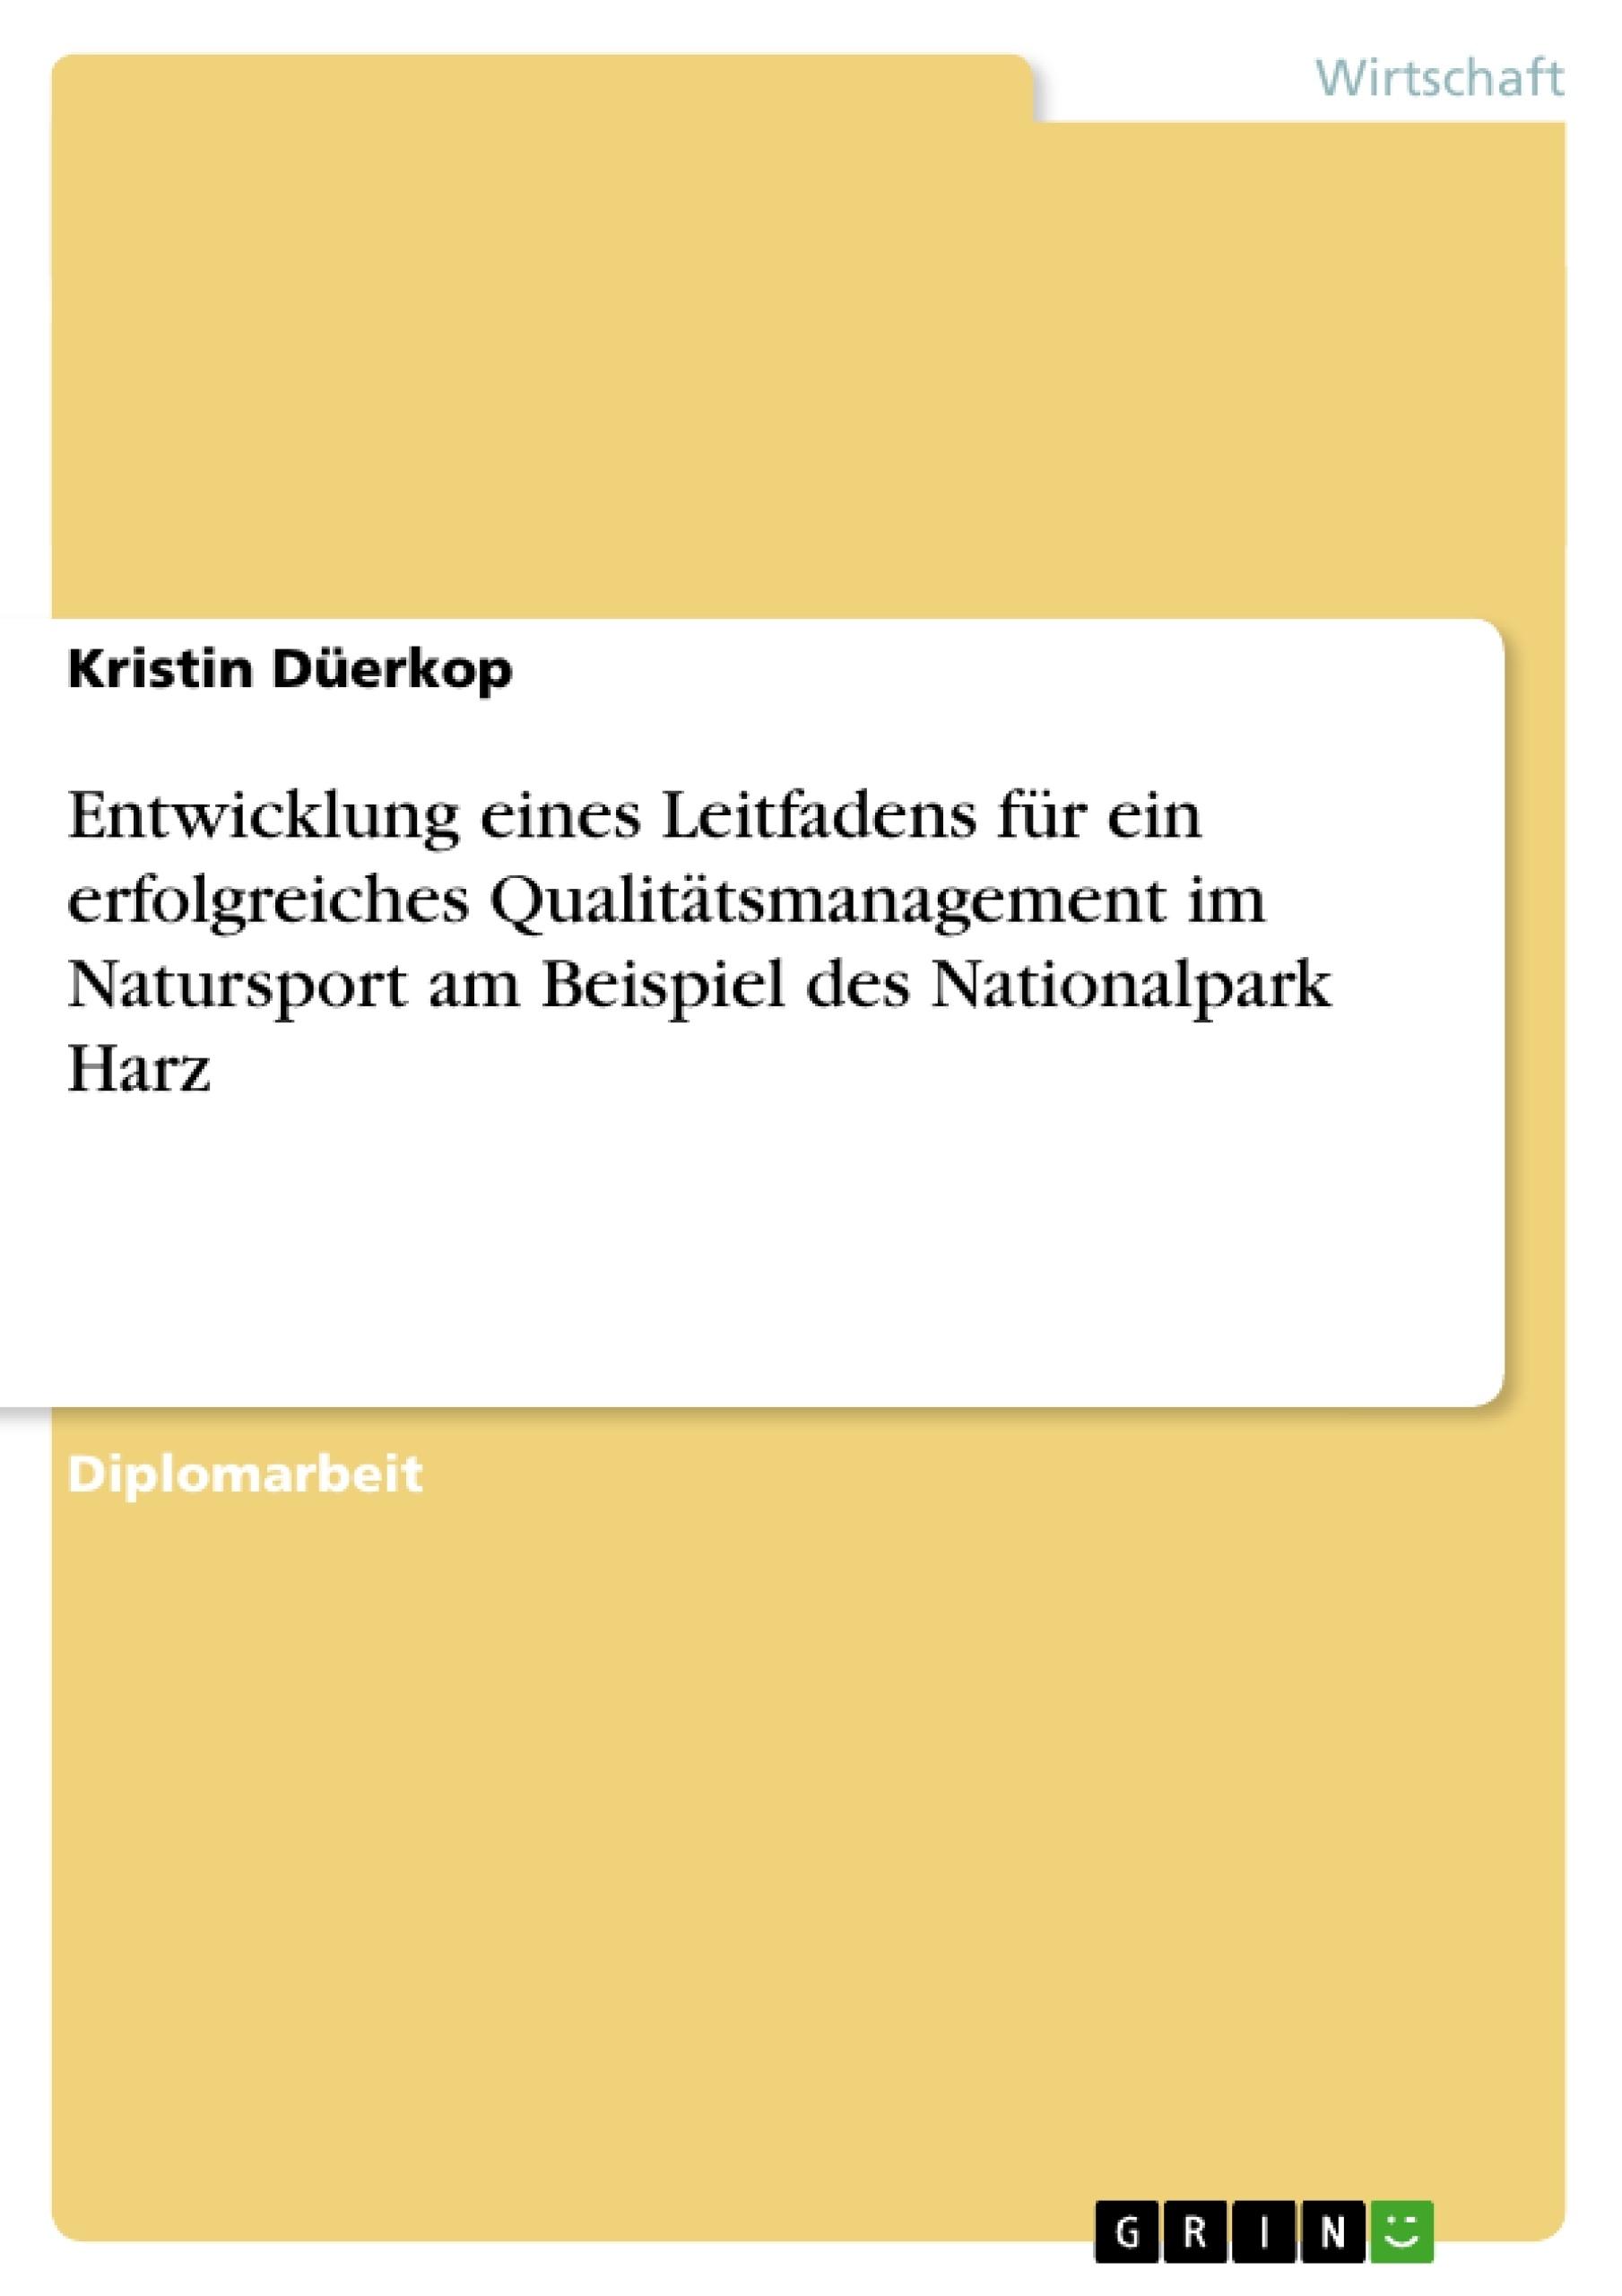 Titel: Entwicklung eines Leitfadens für ein erfolgreiches Qualitätsmanagement im Natursport am Beispiel des Nationalpark Harz